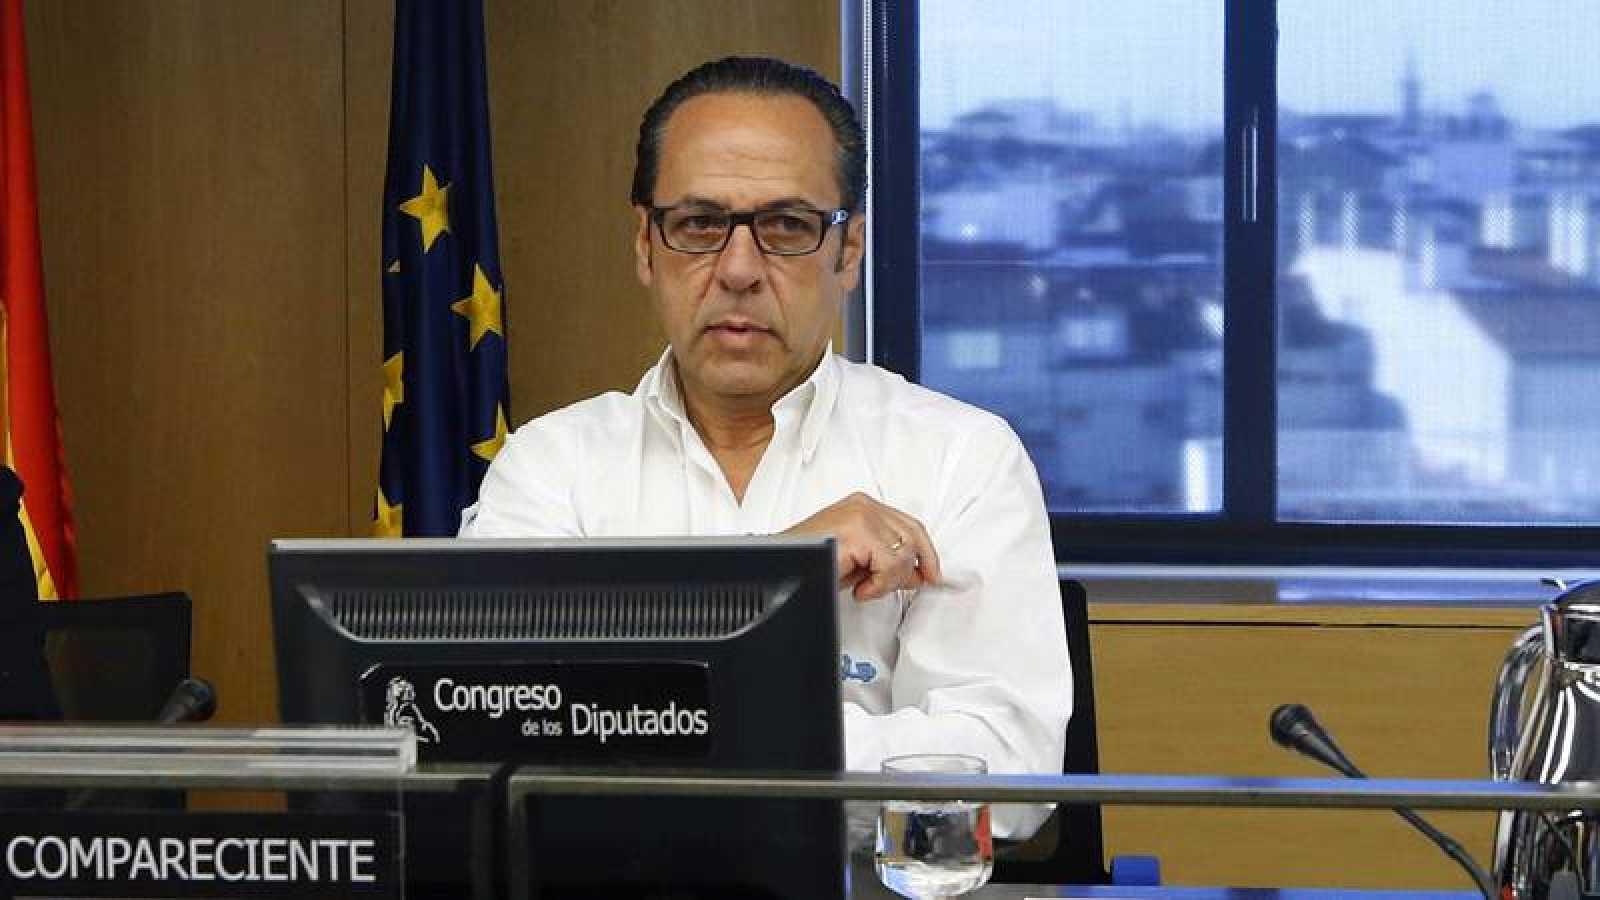 Álvaro Pérez, El Bigotes, en la comisión presunta financiación ilegal del PP